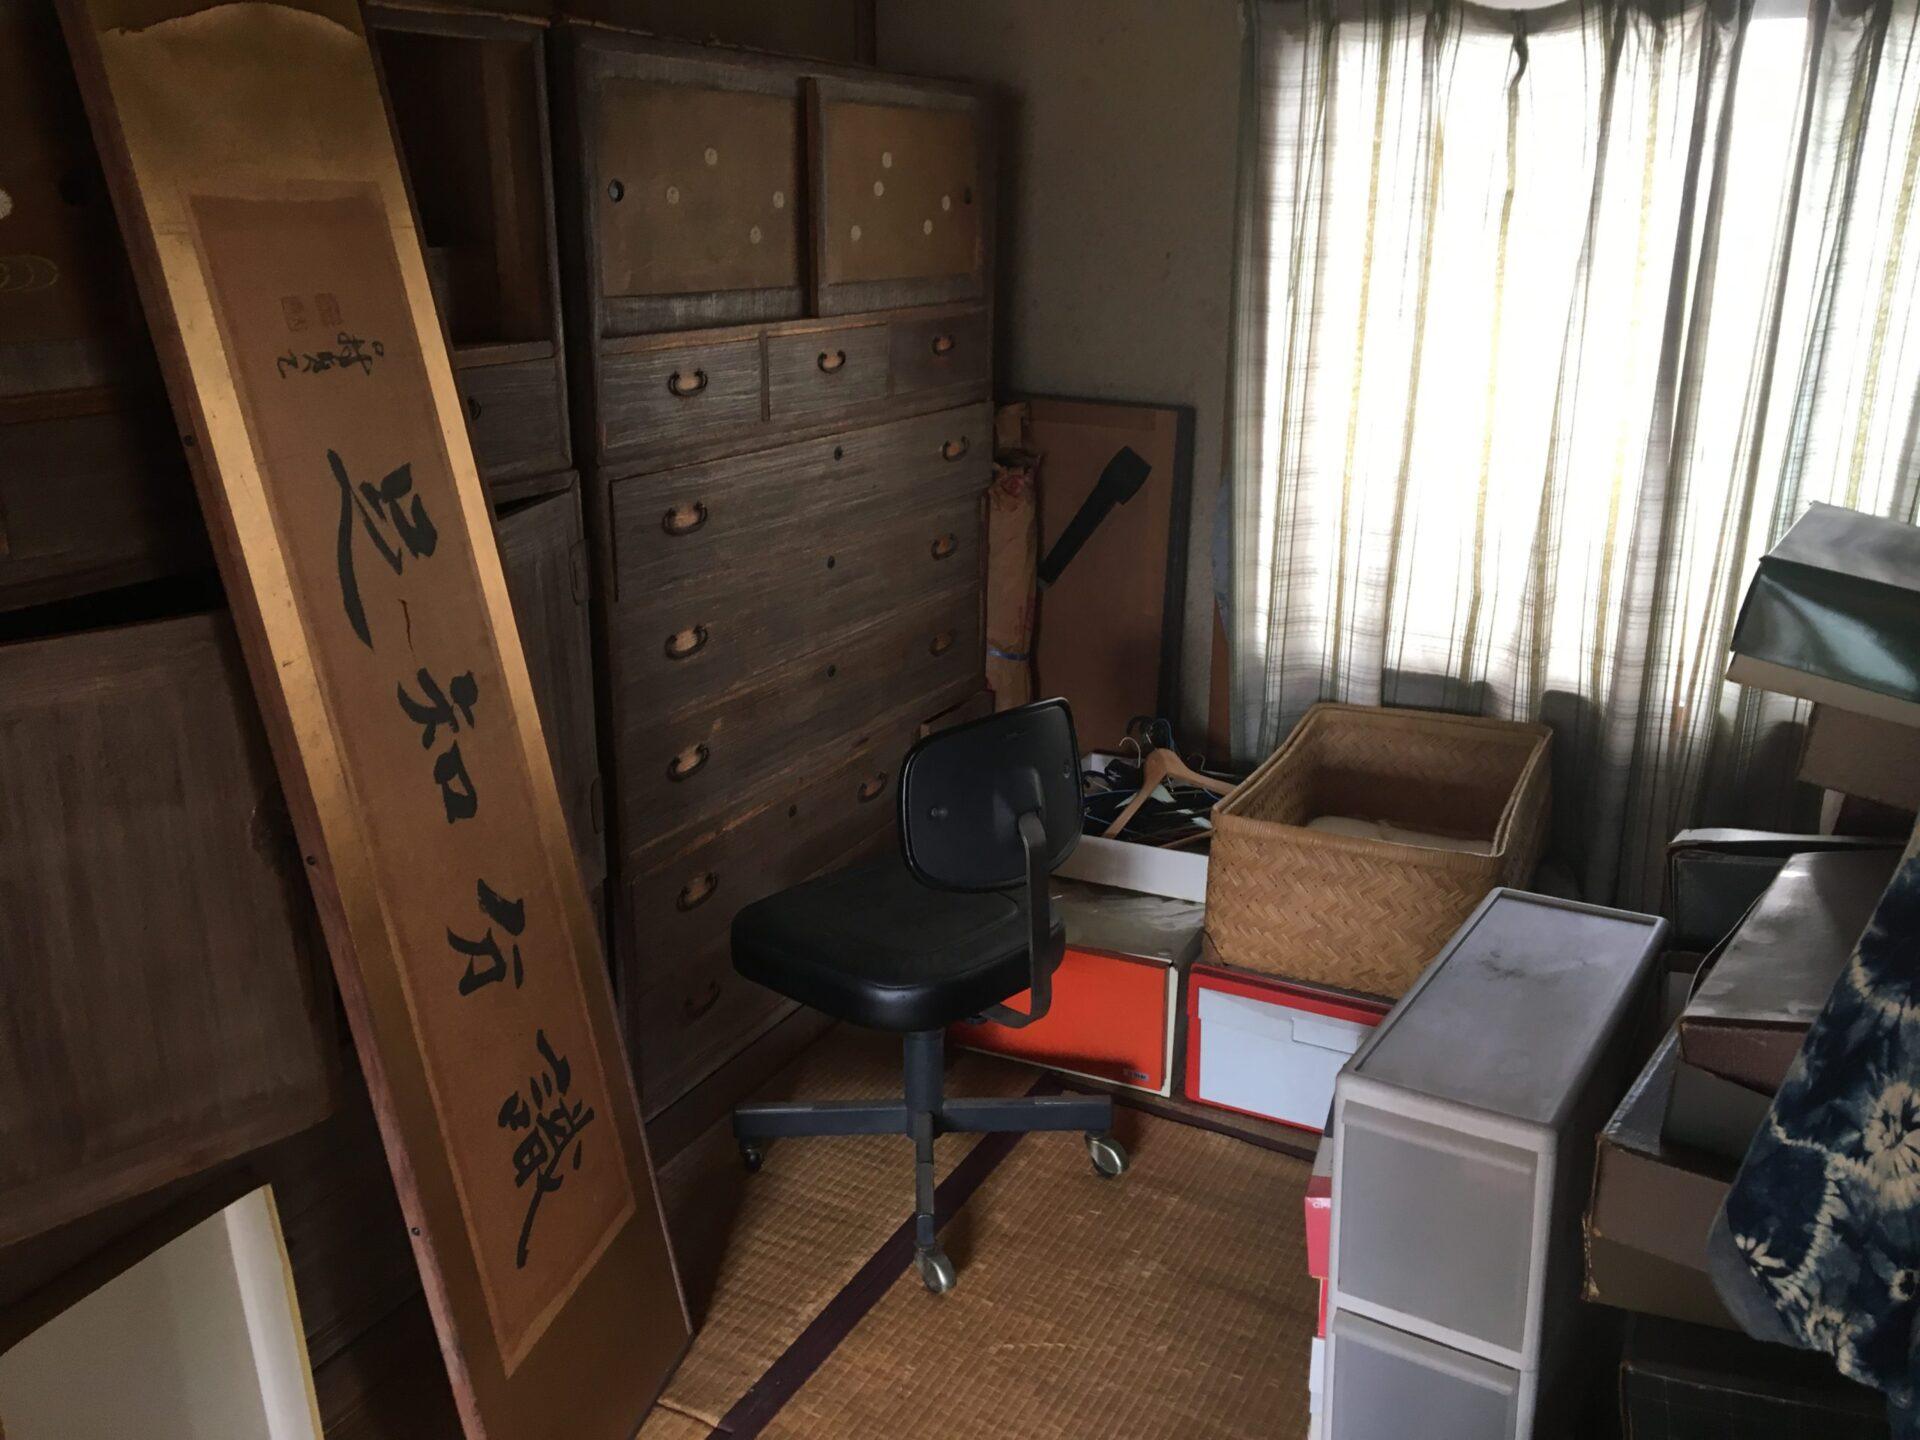 【愛知県半田市】身内の方のお引越し時に出た不用品・家具などの処分